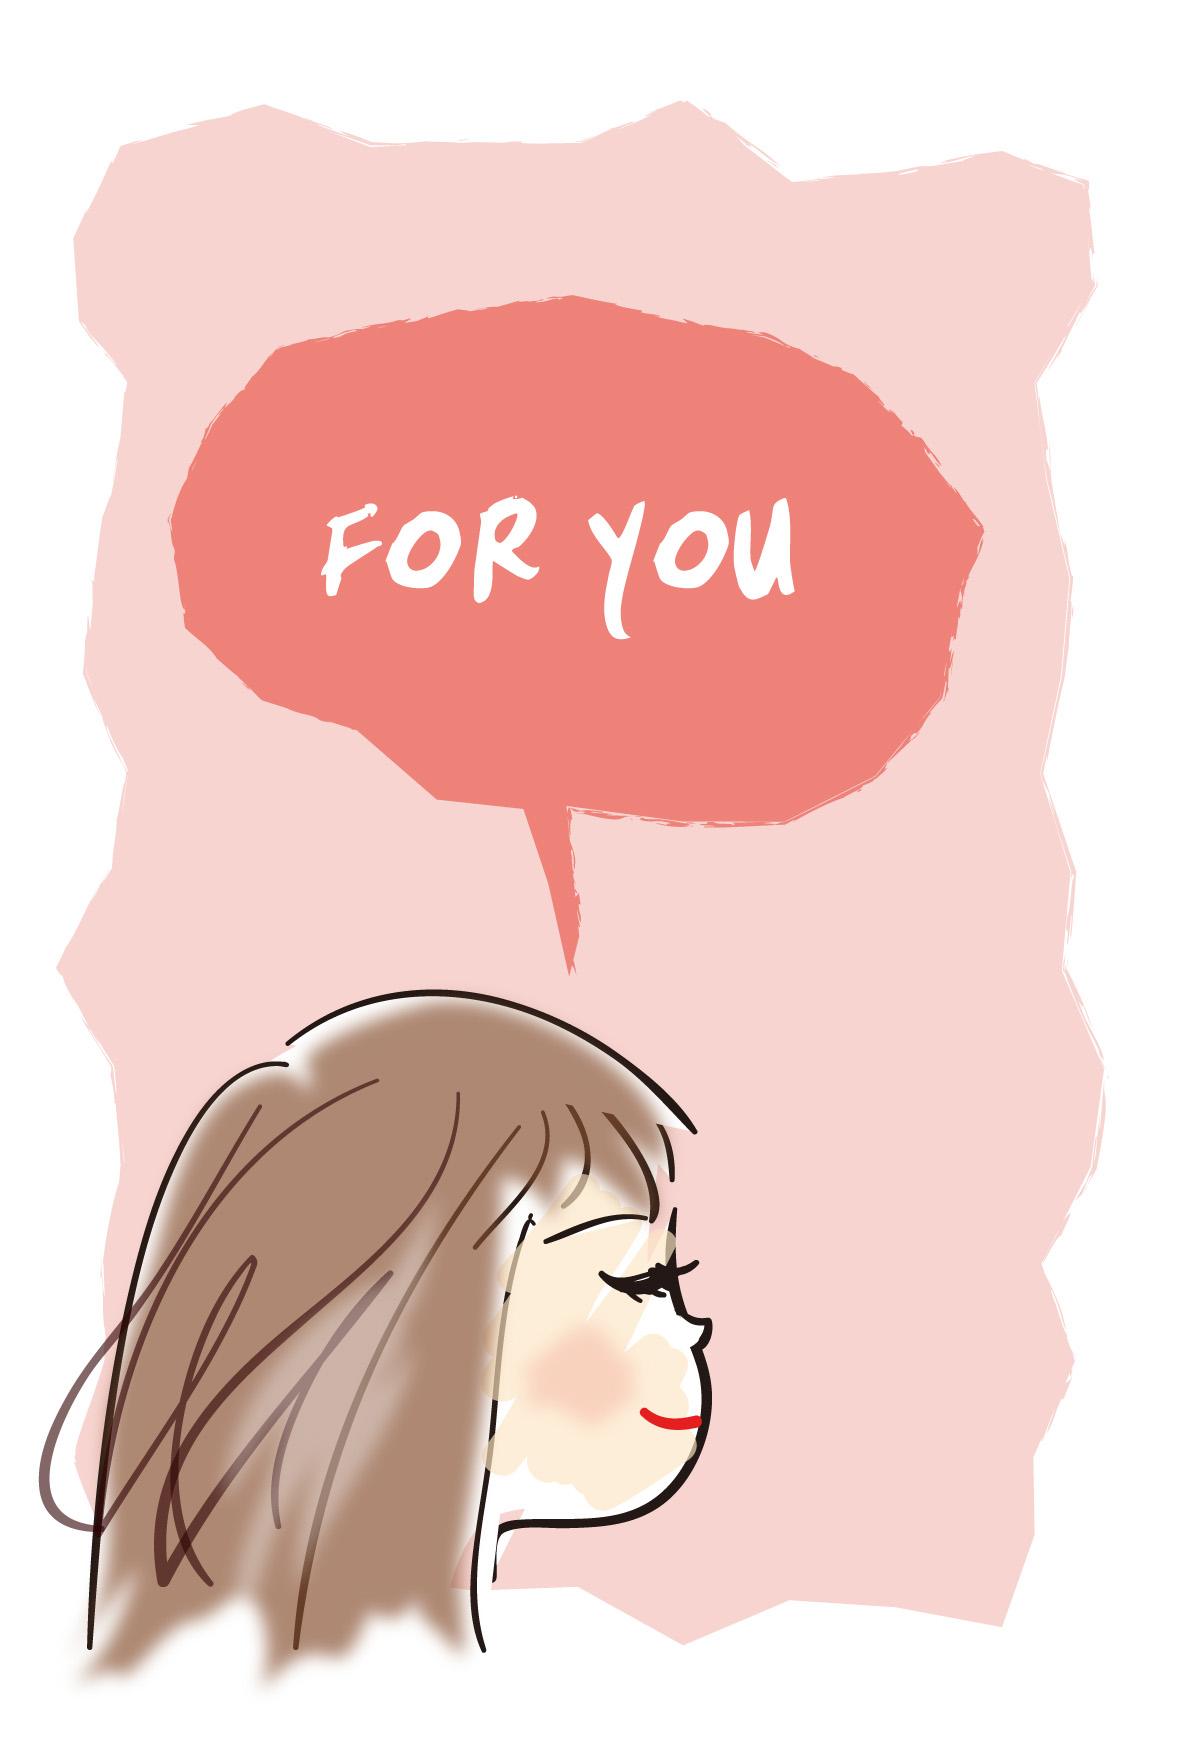 バレンタインカード・「for you」女の子」ダウンロード かわいい無料